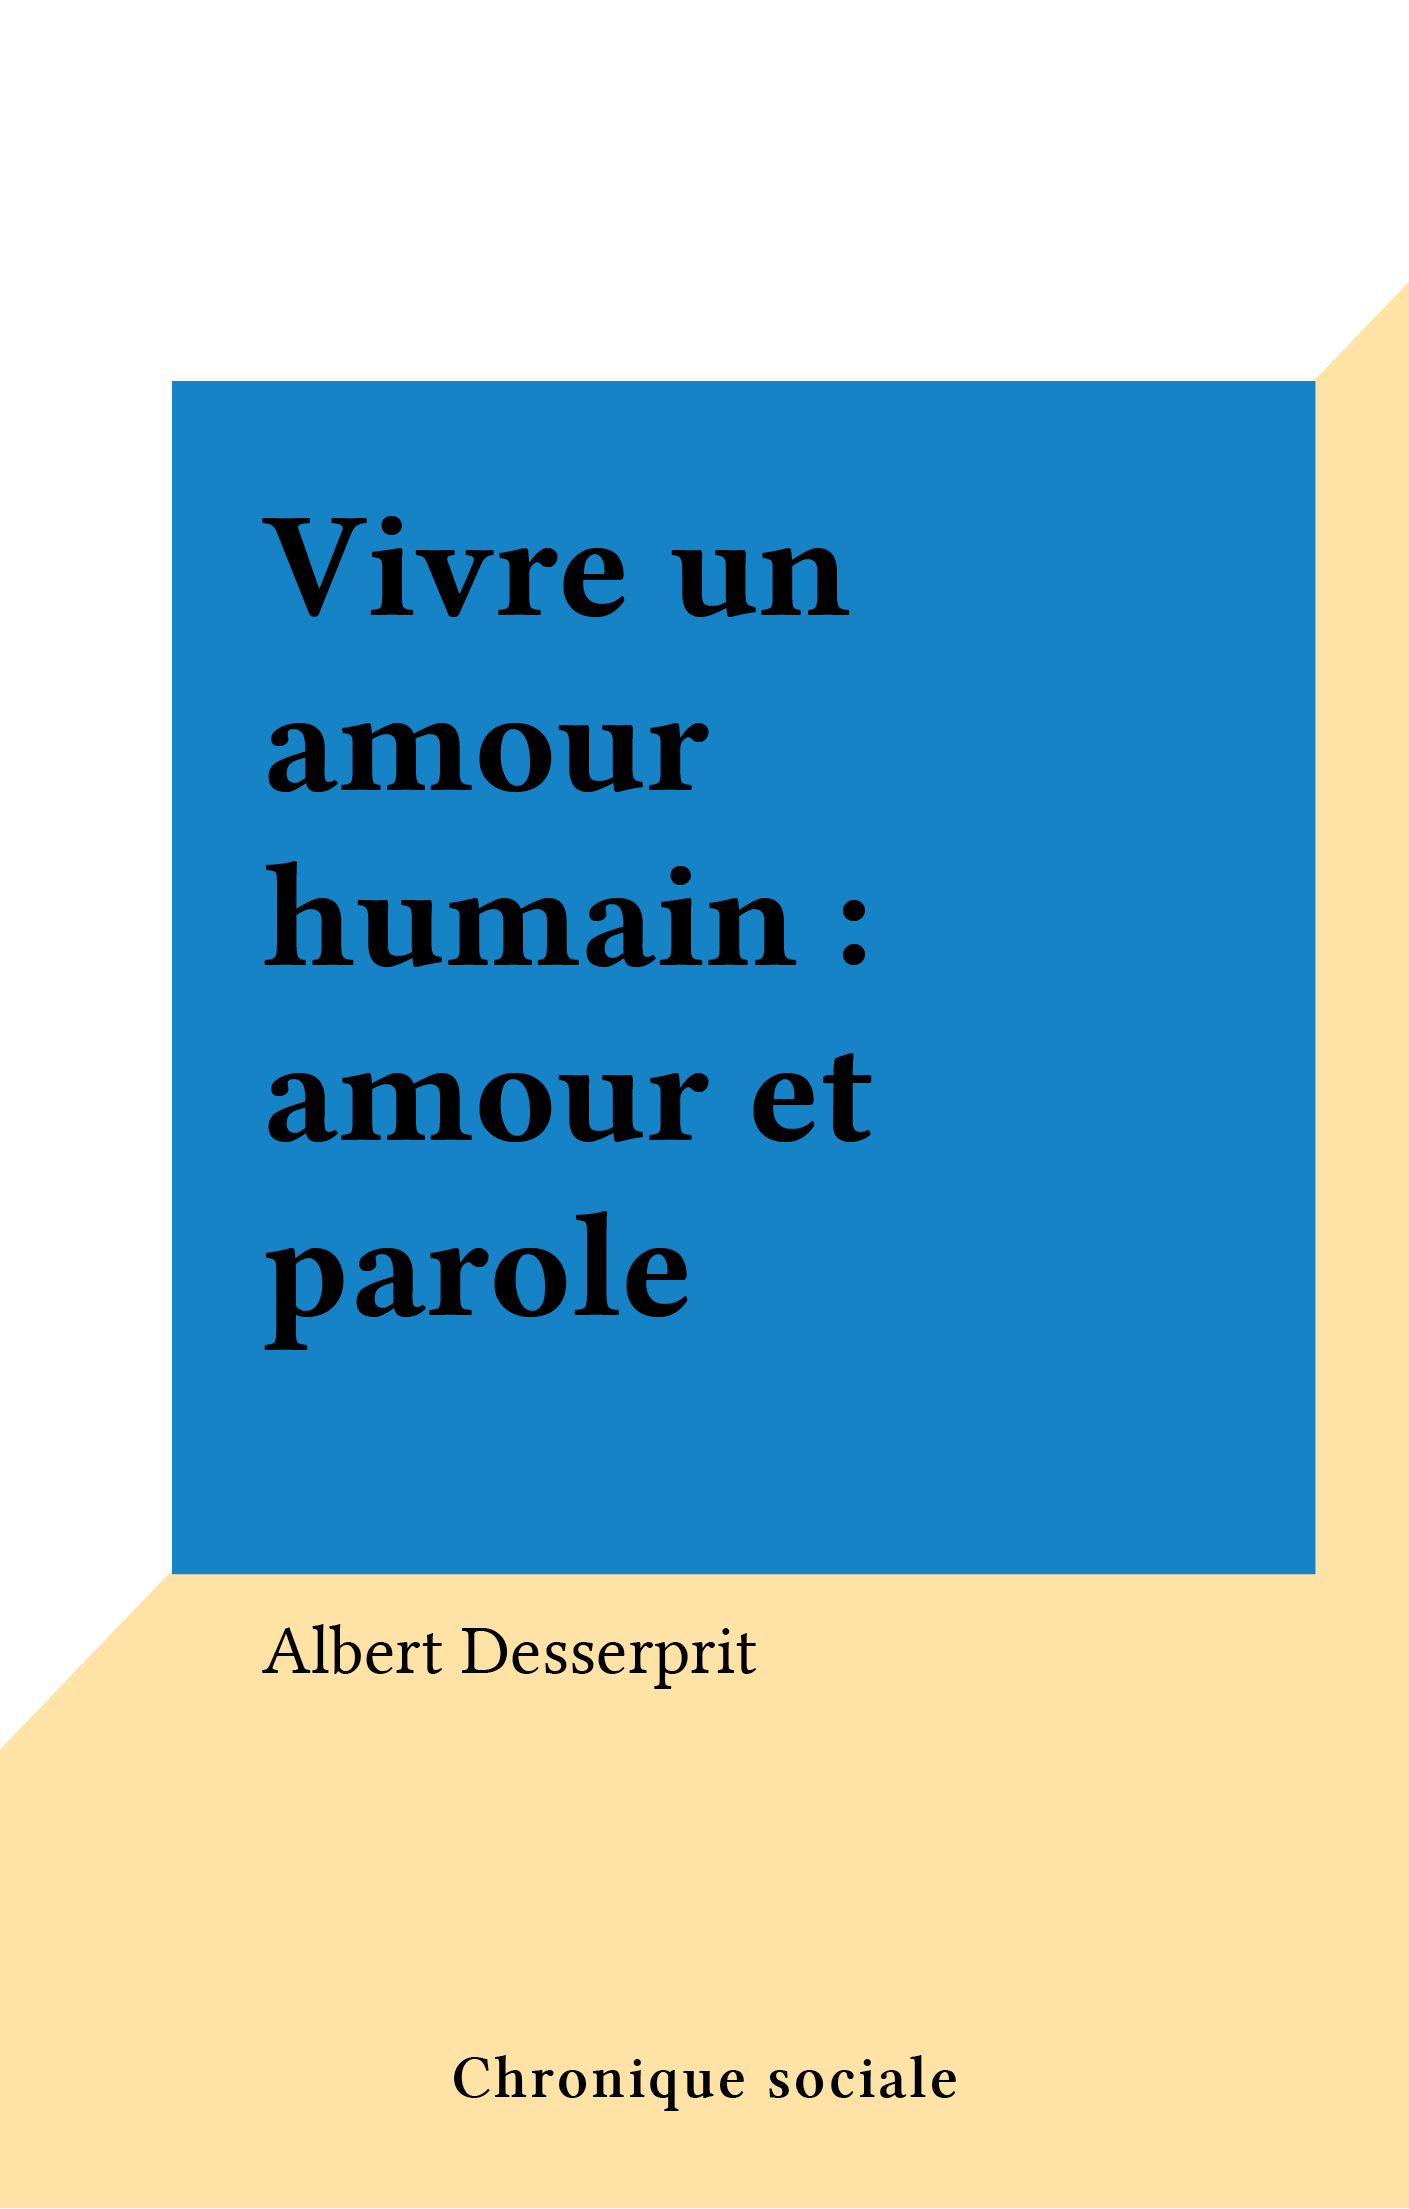 Vivre un amour humain : amo...